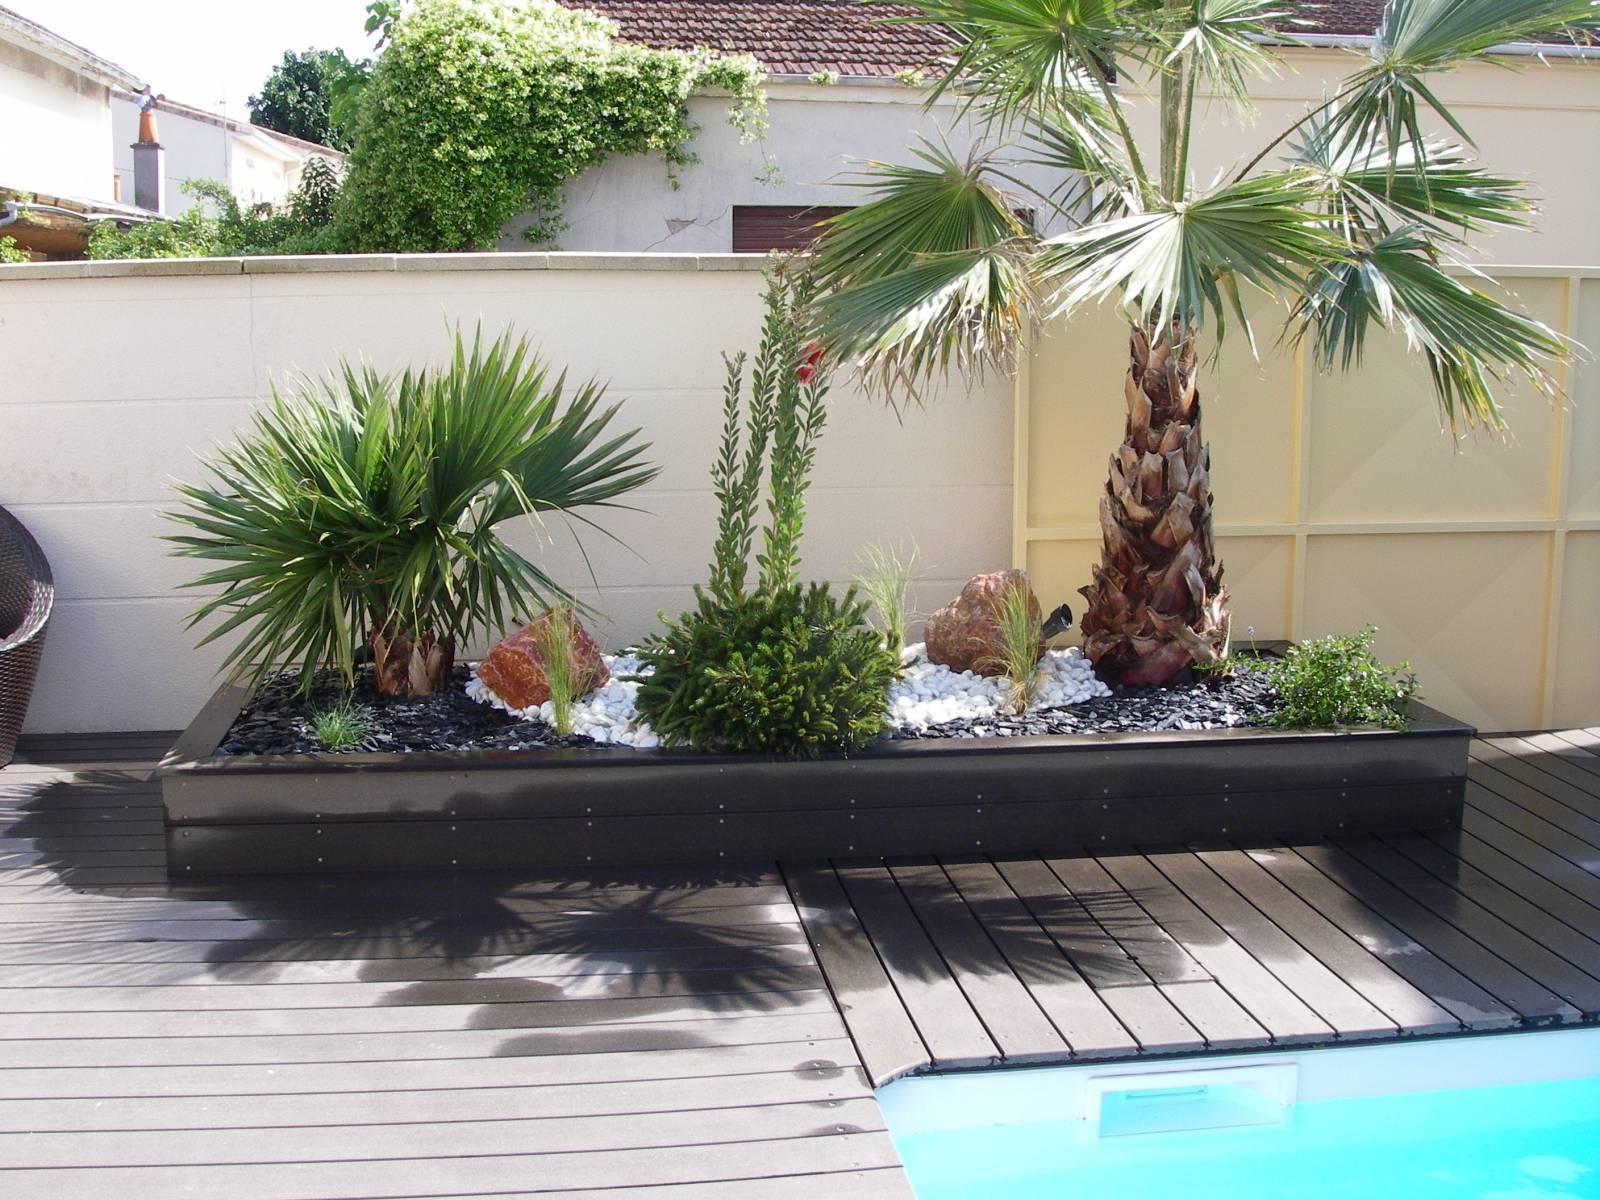 Amenagement piscine palmier - Amenagement autour d une piscine ...